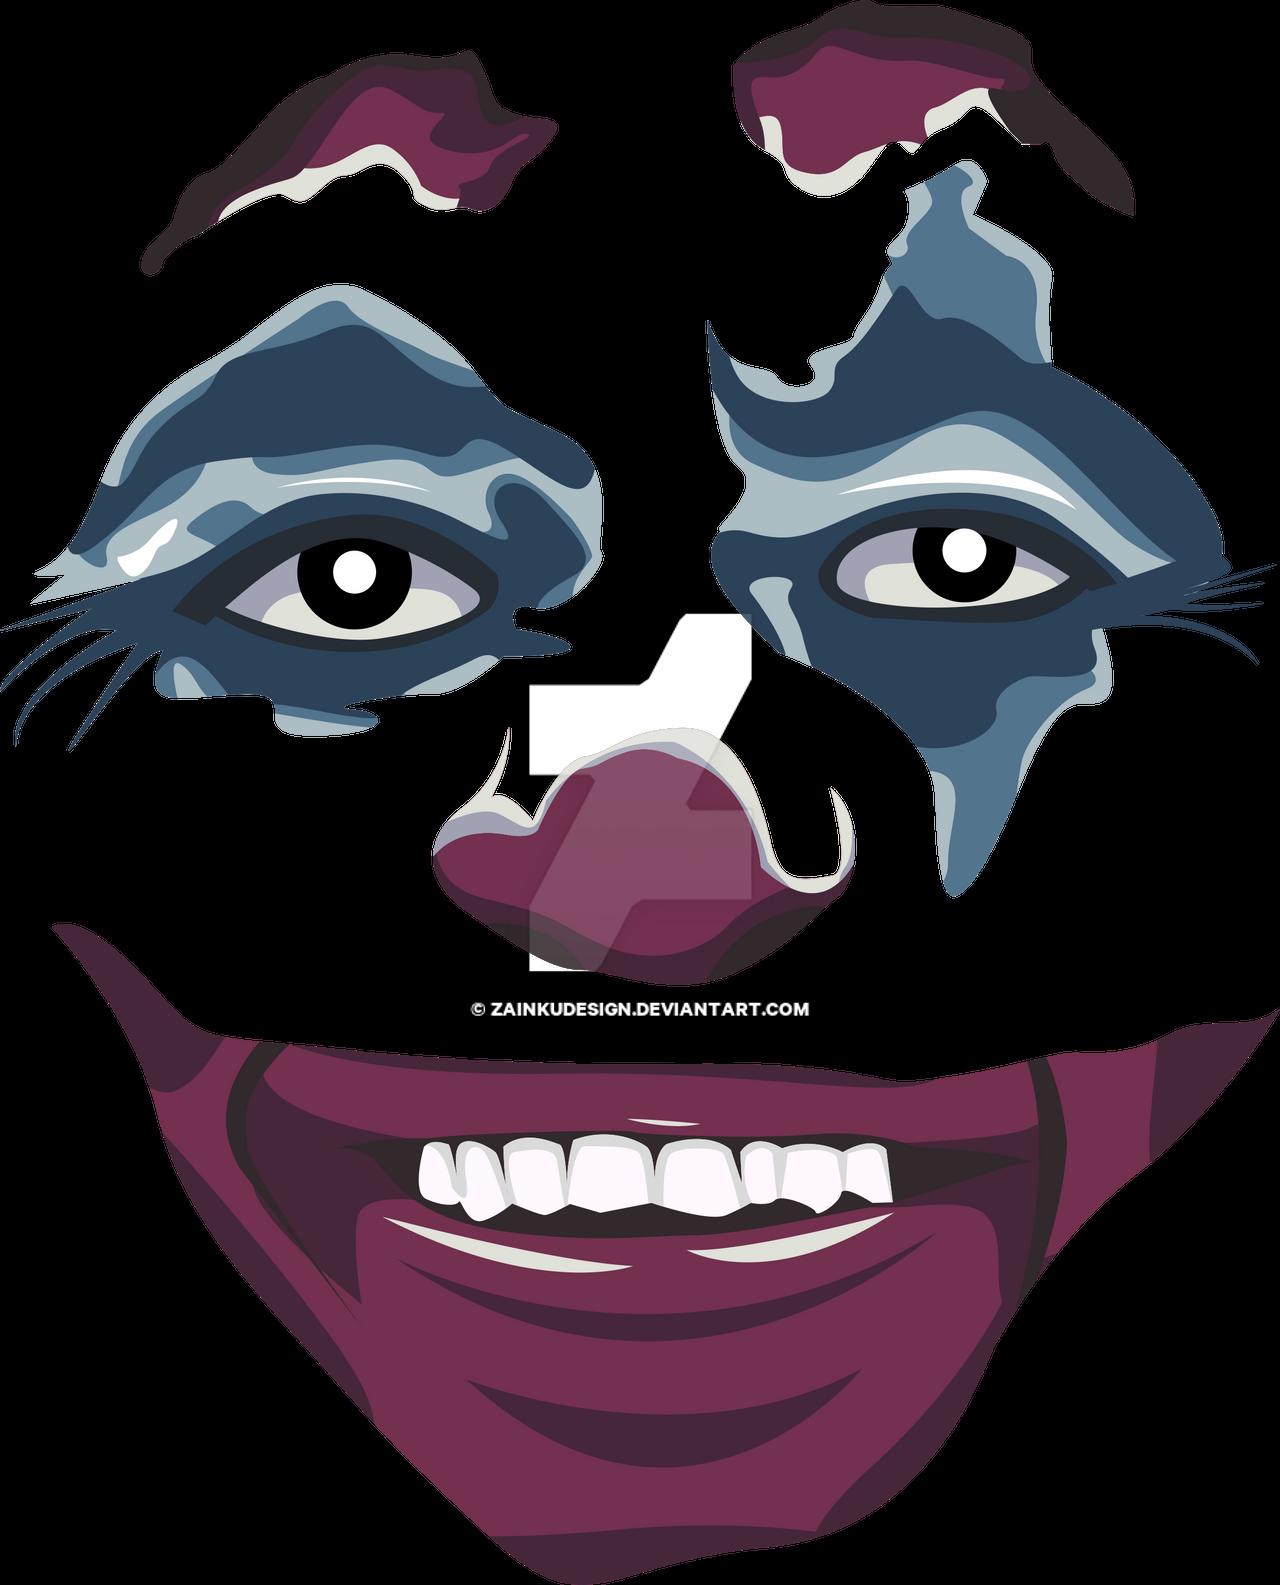 Joker Smile Vector By Zainkudesign On Deviantart